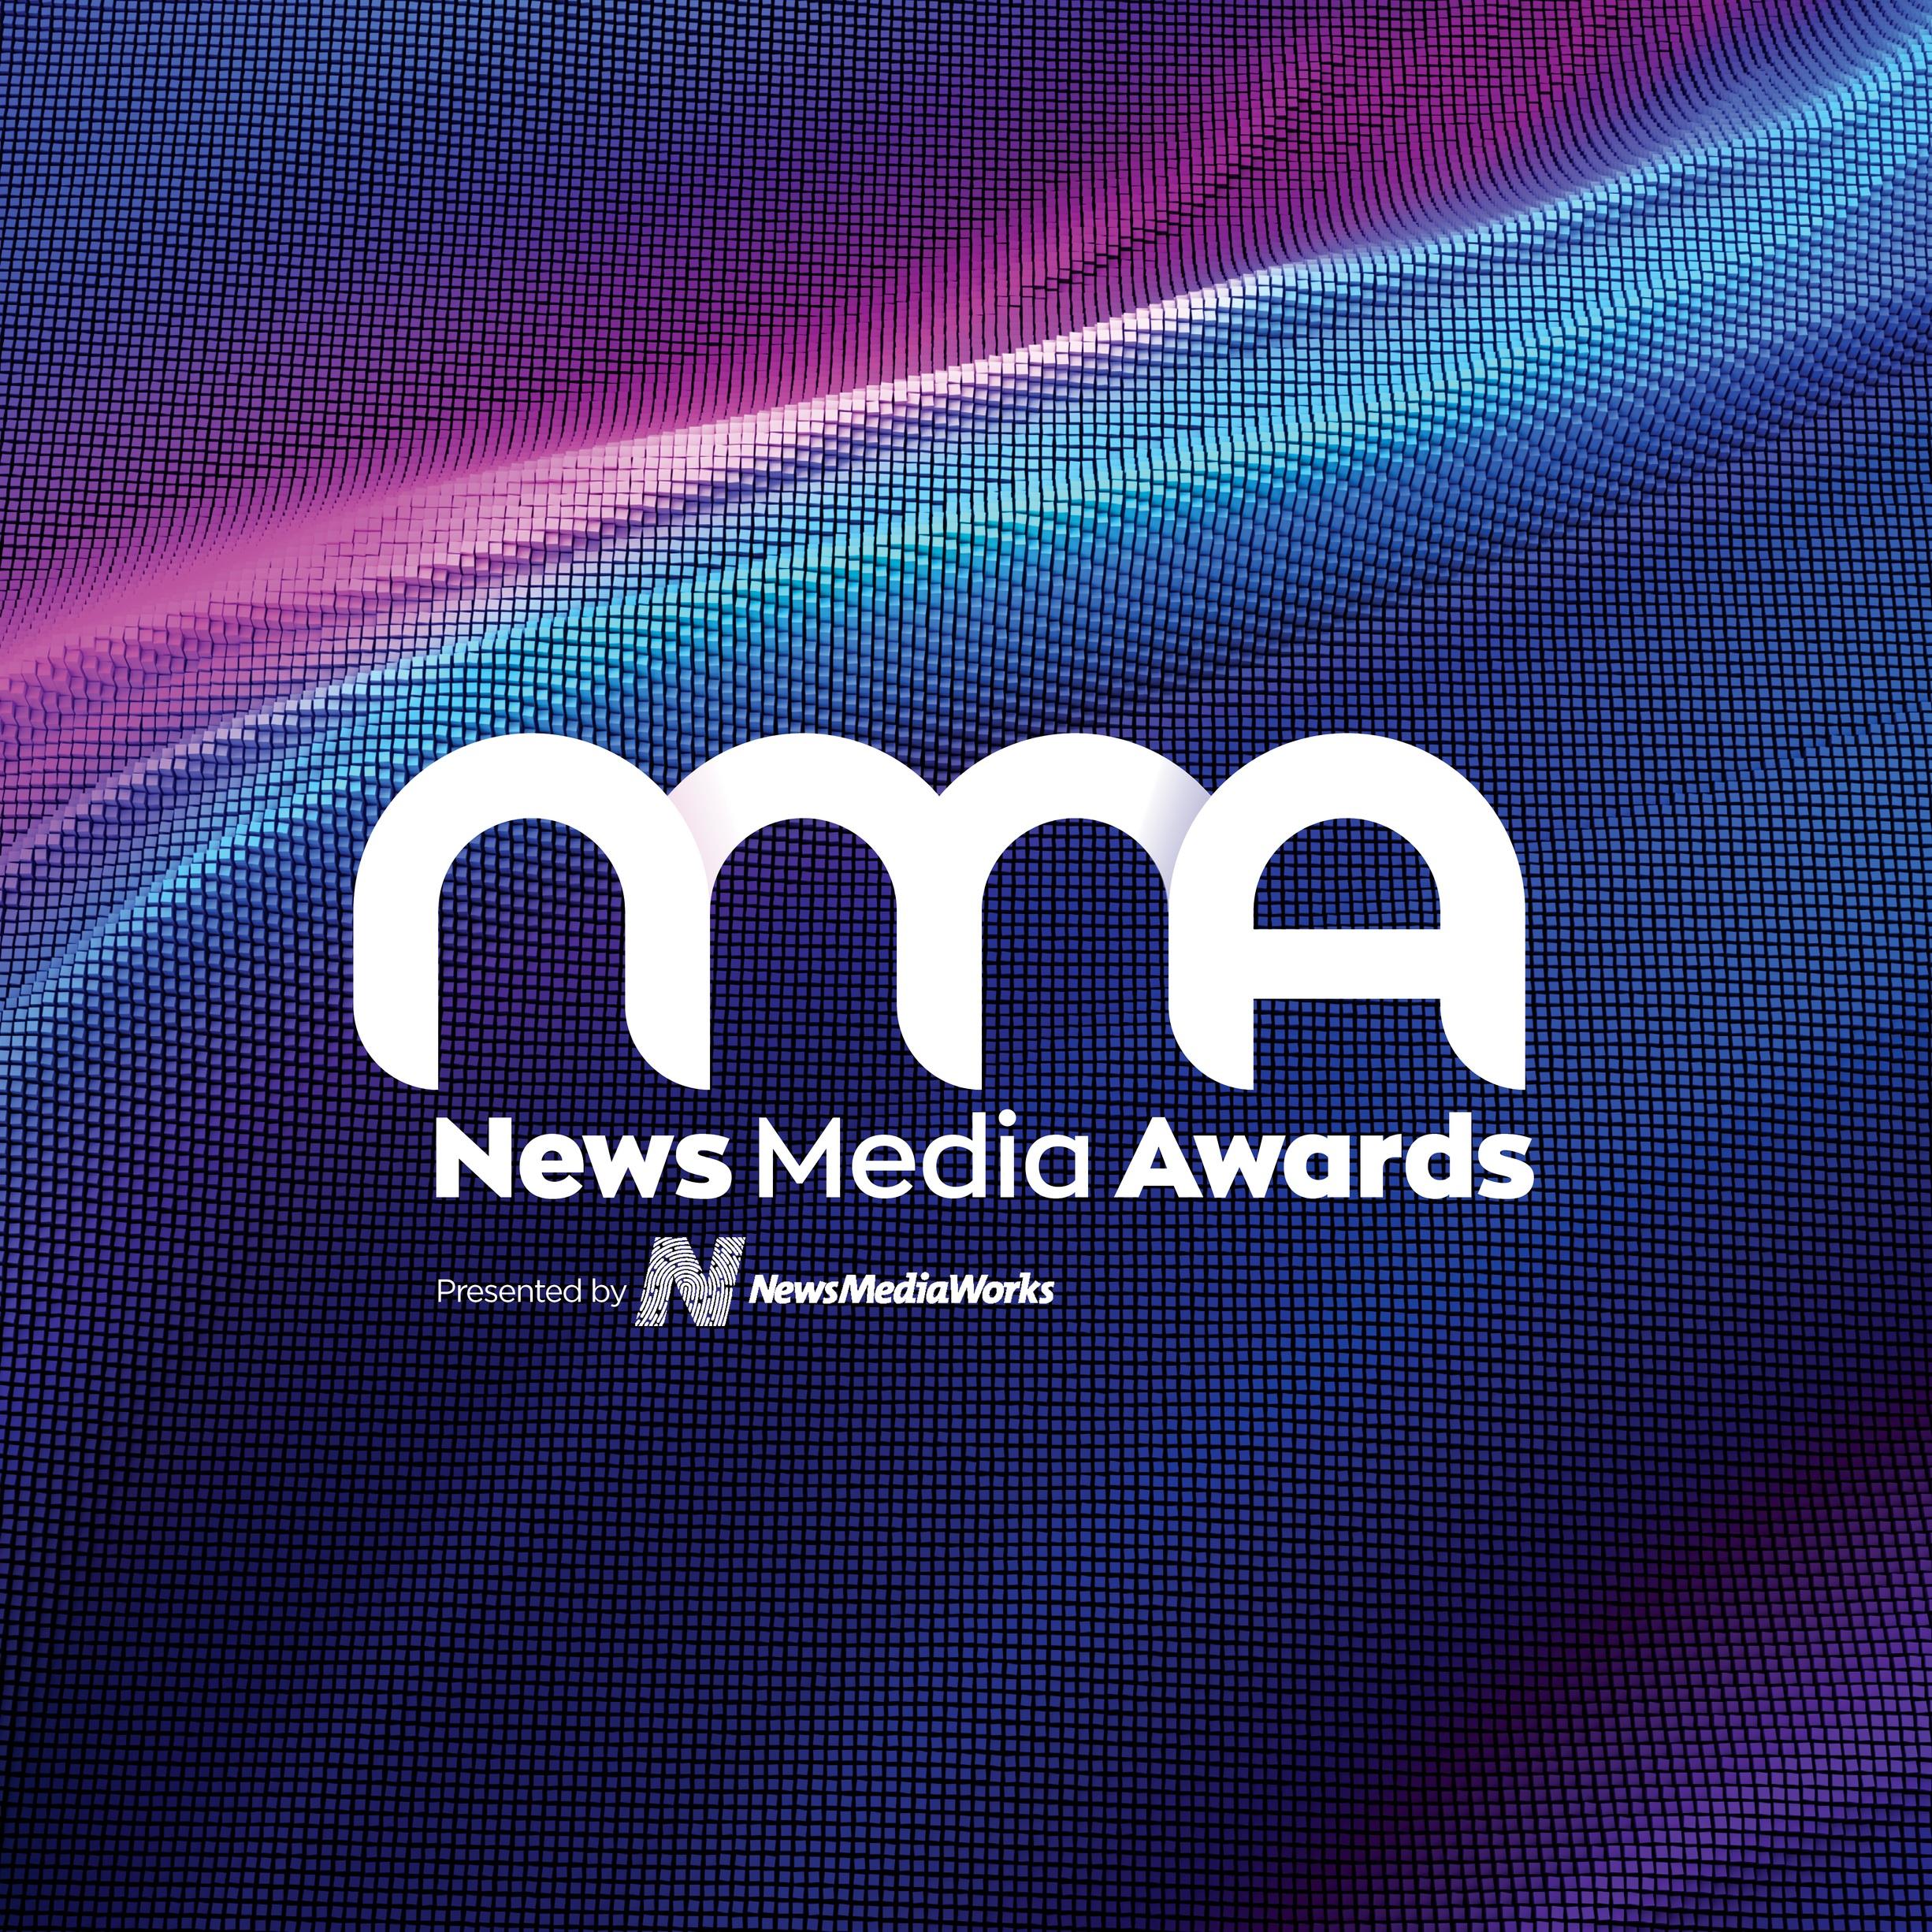 News Media Awards